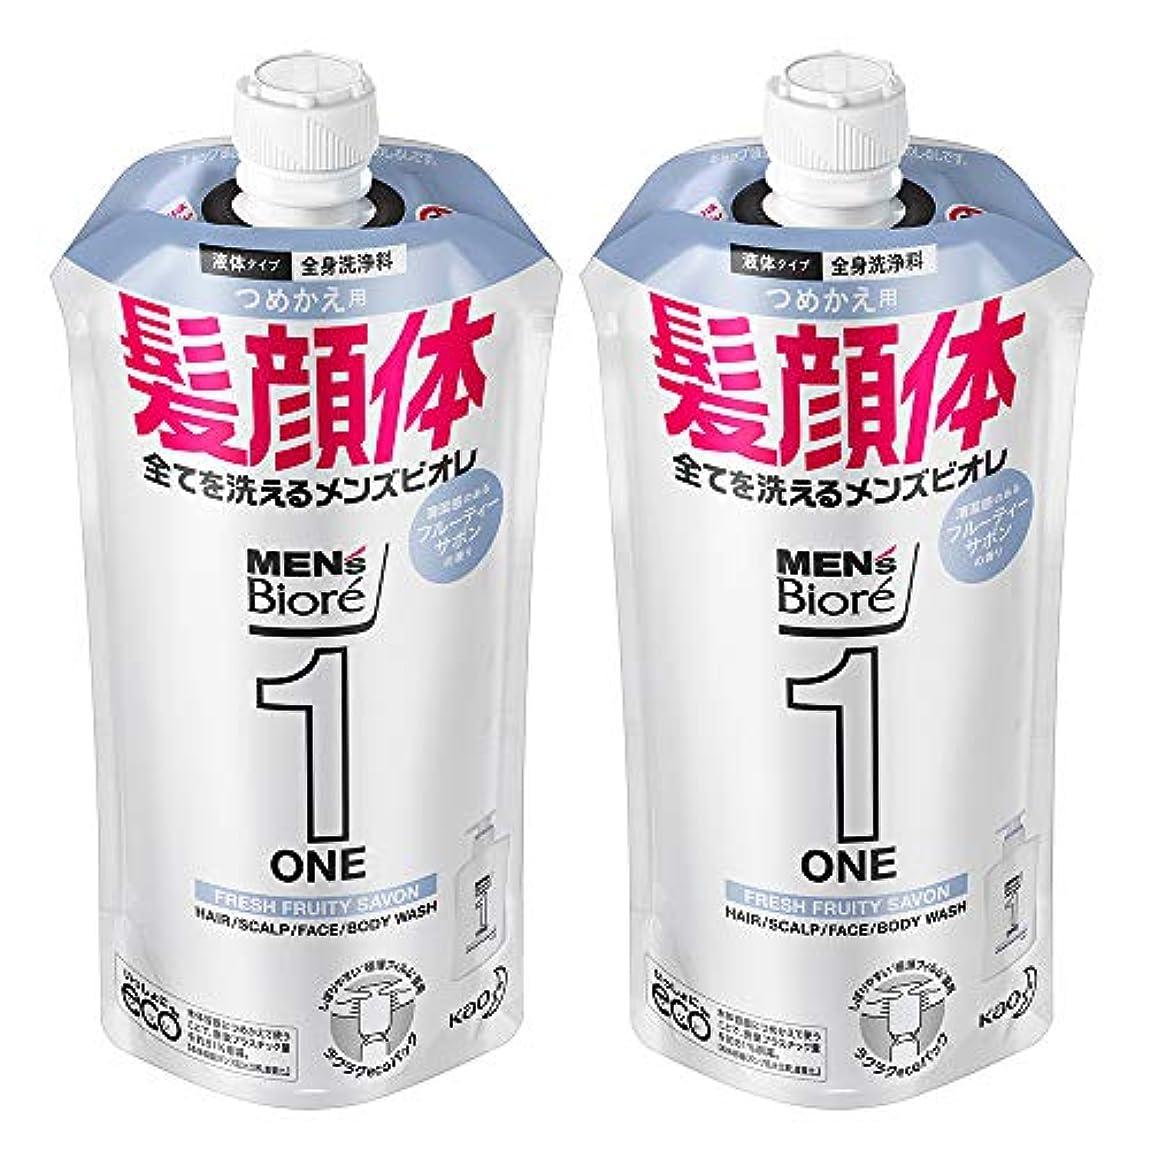 バブルいつか相手【まとめ買い】メンズビオレ ONE オールインワン全身洗浄料 フルーティーサボンの香り つめかえ用 340ml×2個